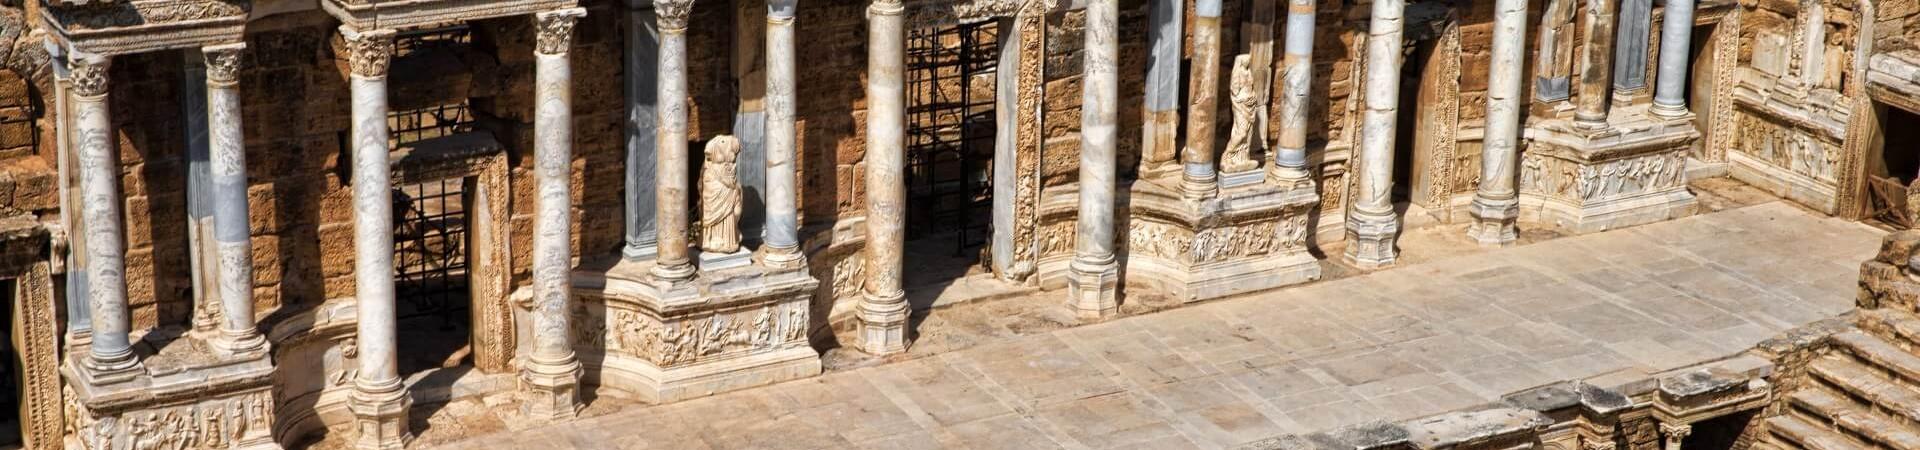 Ruiny teatru